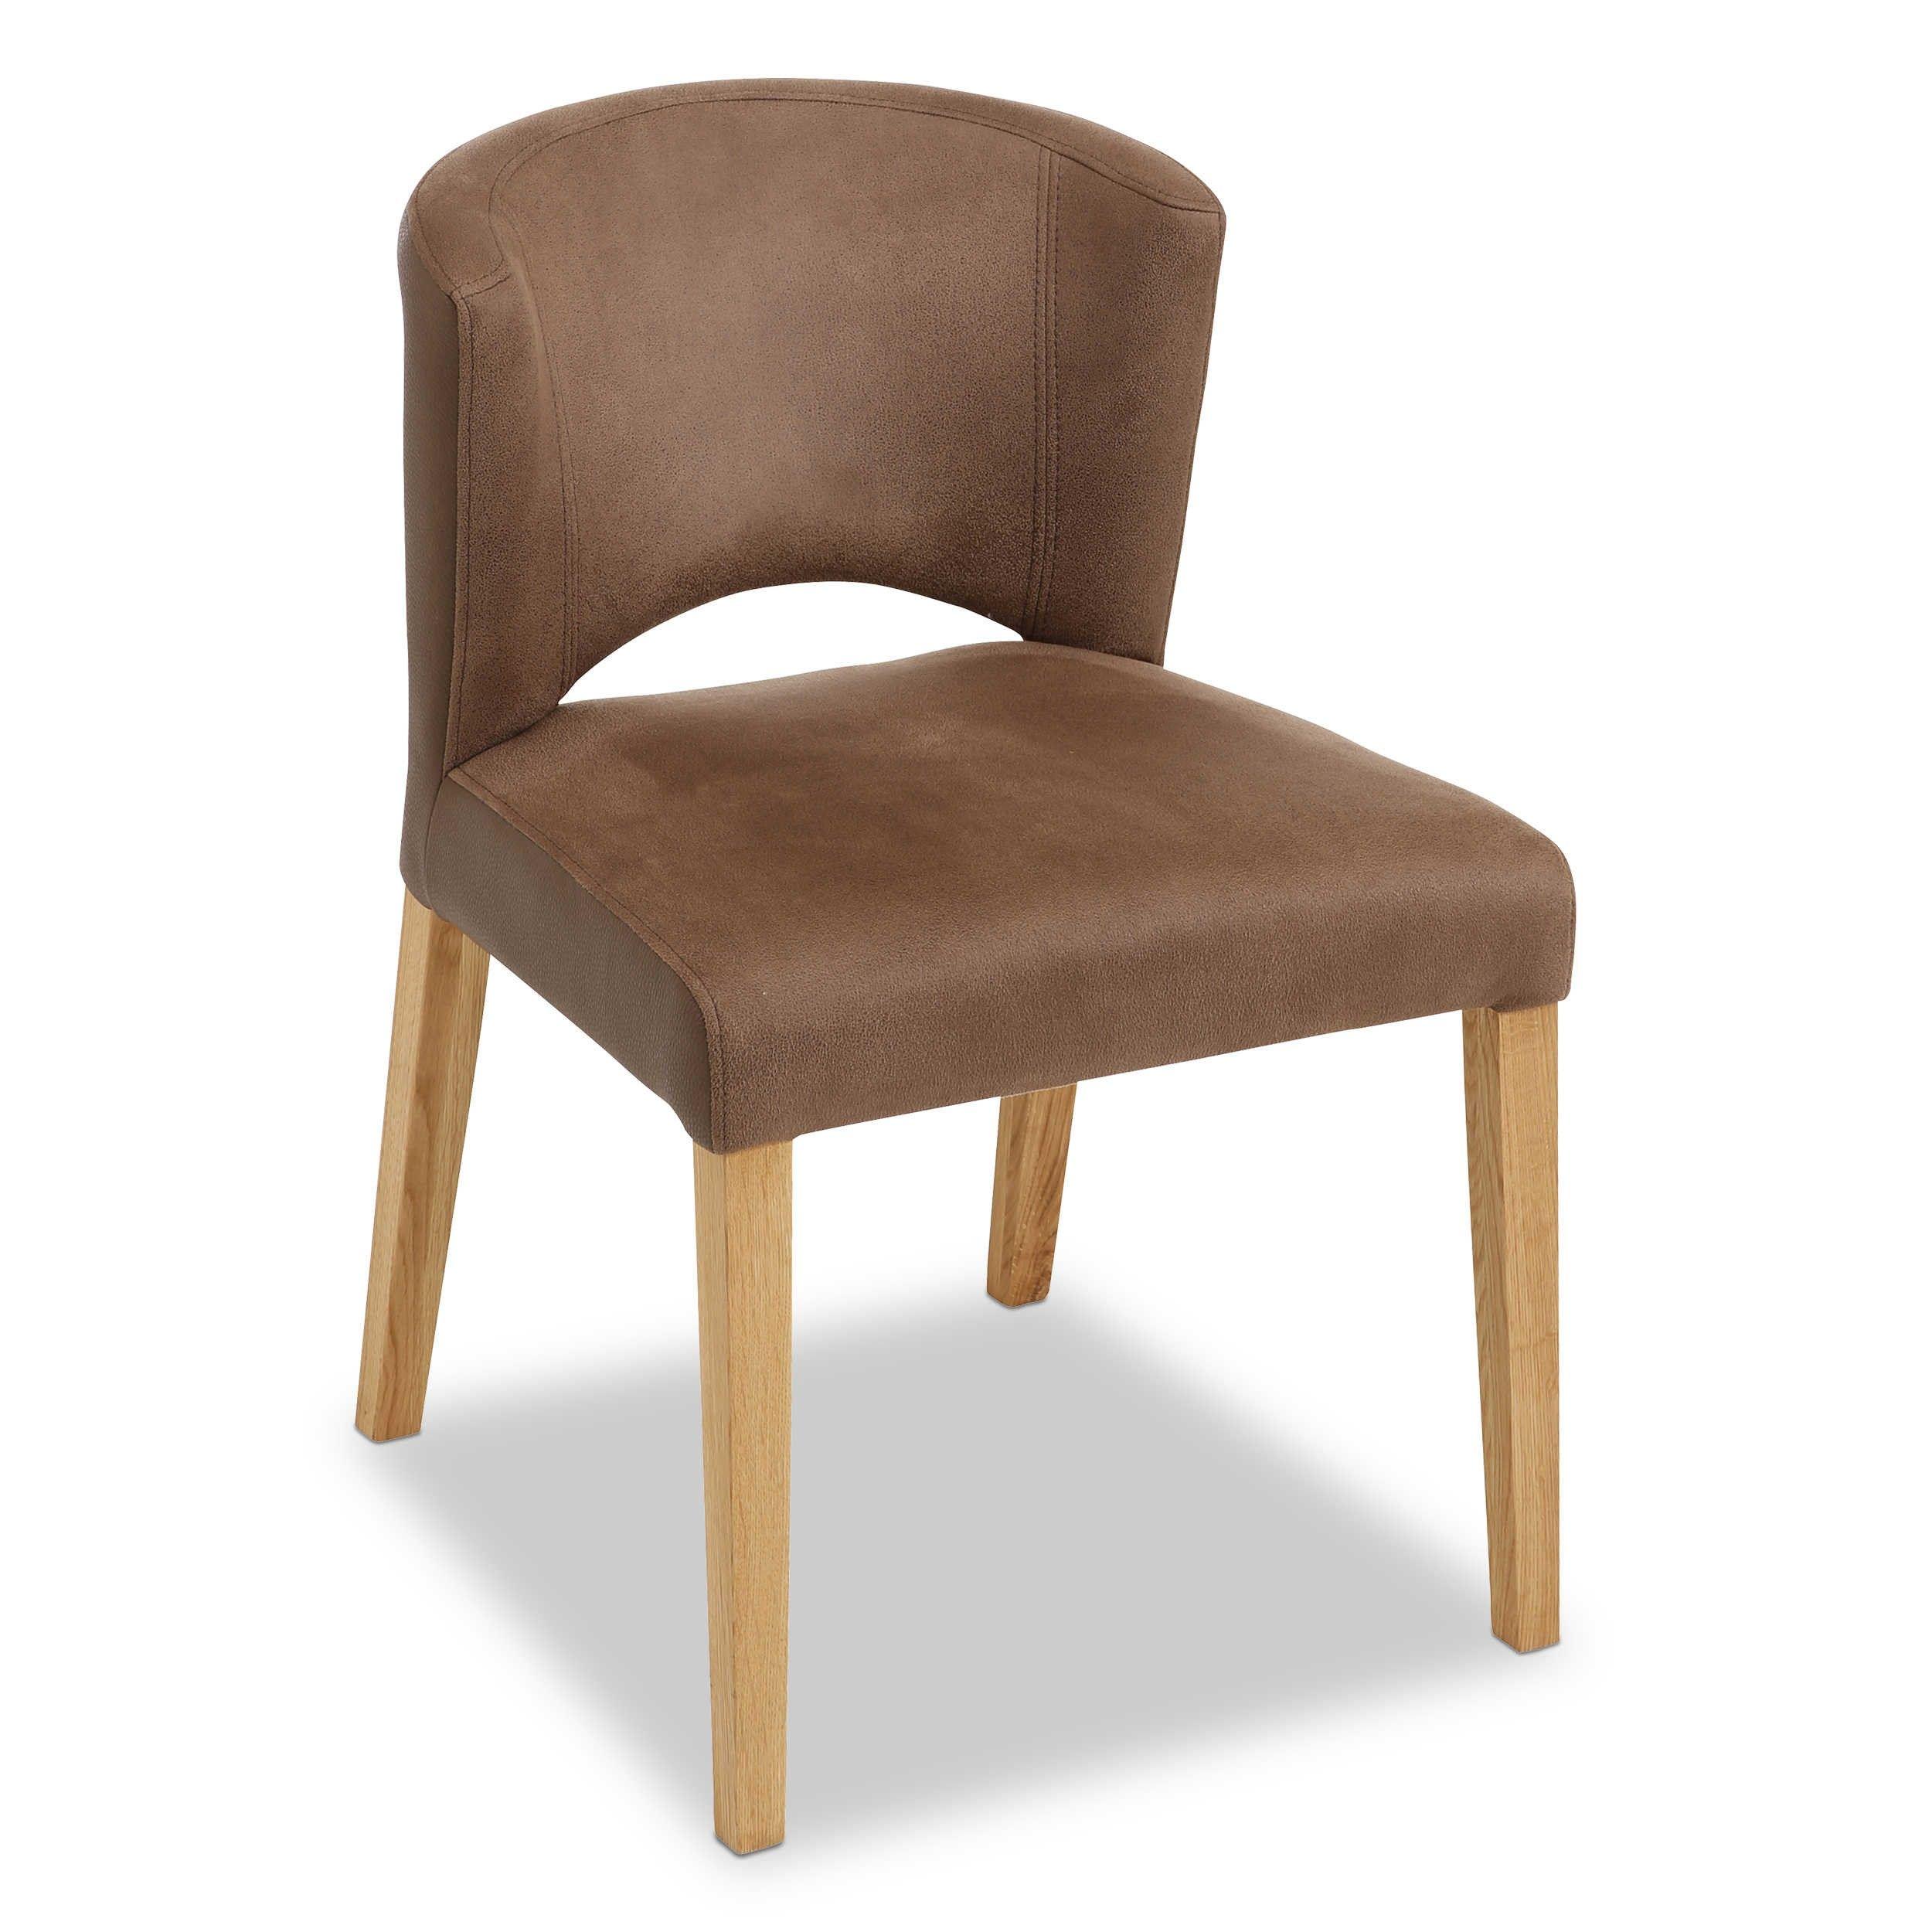 Fantastisch Stuhl Runa 2er Set Braun Lederoptik Jetzt Bestellen Unter:  Http://www.woonio.de/produkt/stuhl Runa 2er Set Braun Lederoptik/ | Chair |  Pinterest.